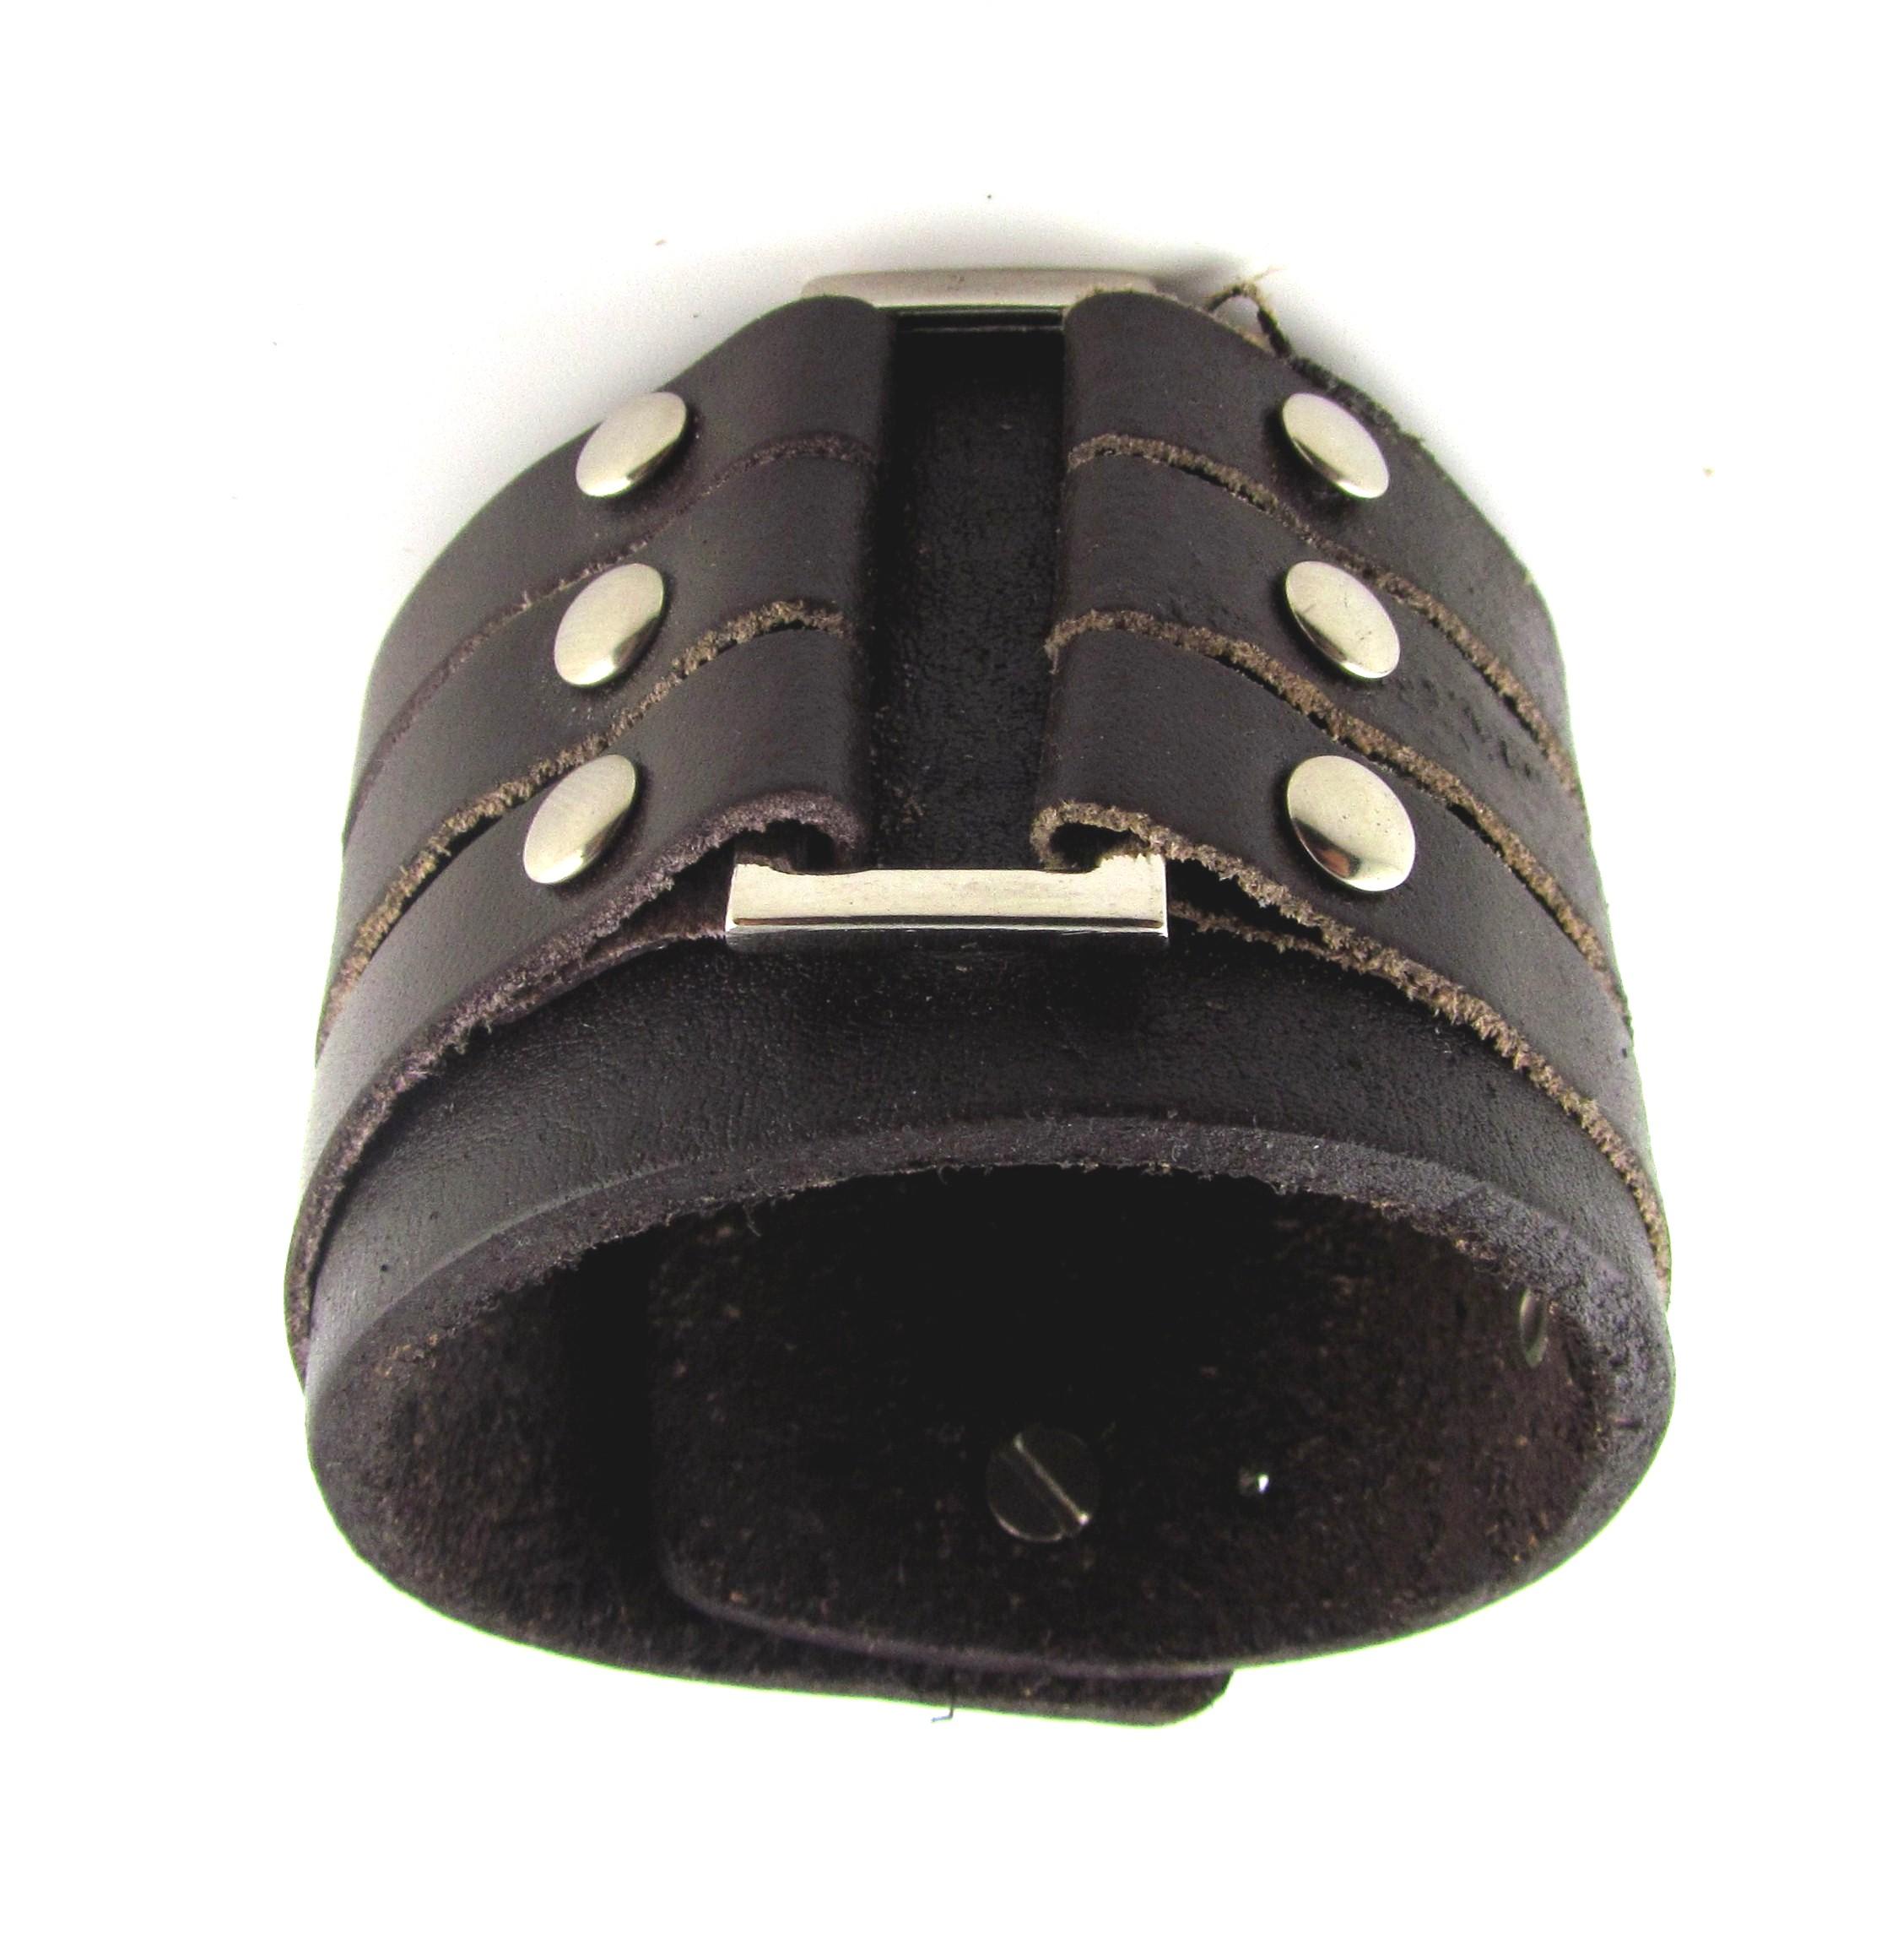 Lederarmband breit  Kauf-4You - CELRIC Herren Lederarmband Breit in Braun Cothic Style 01